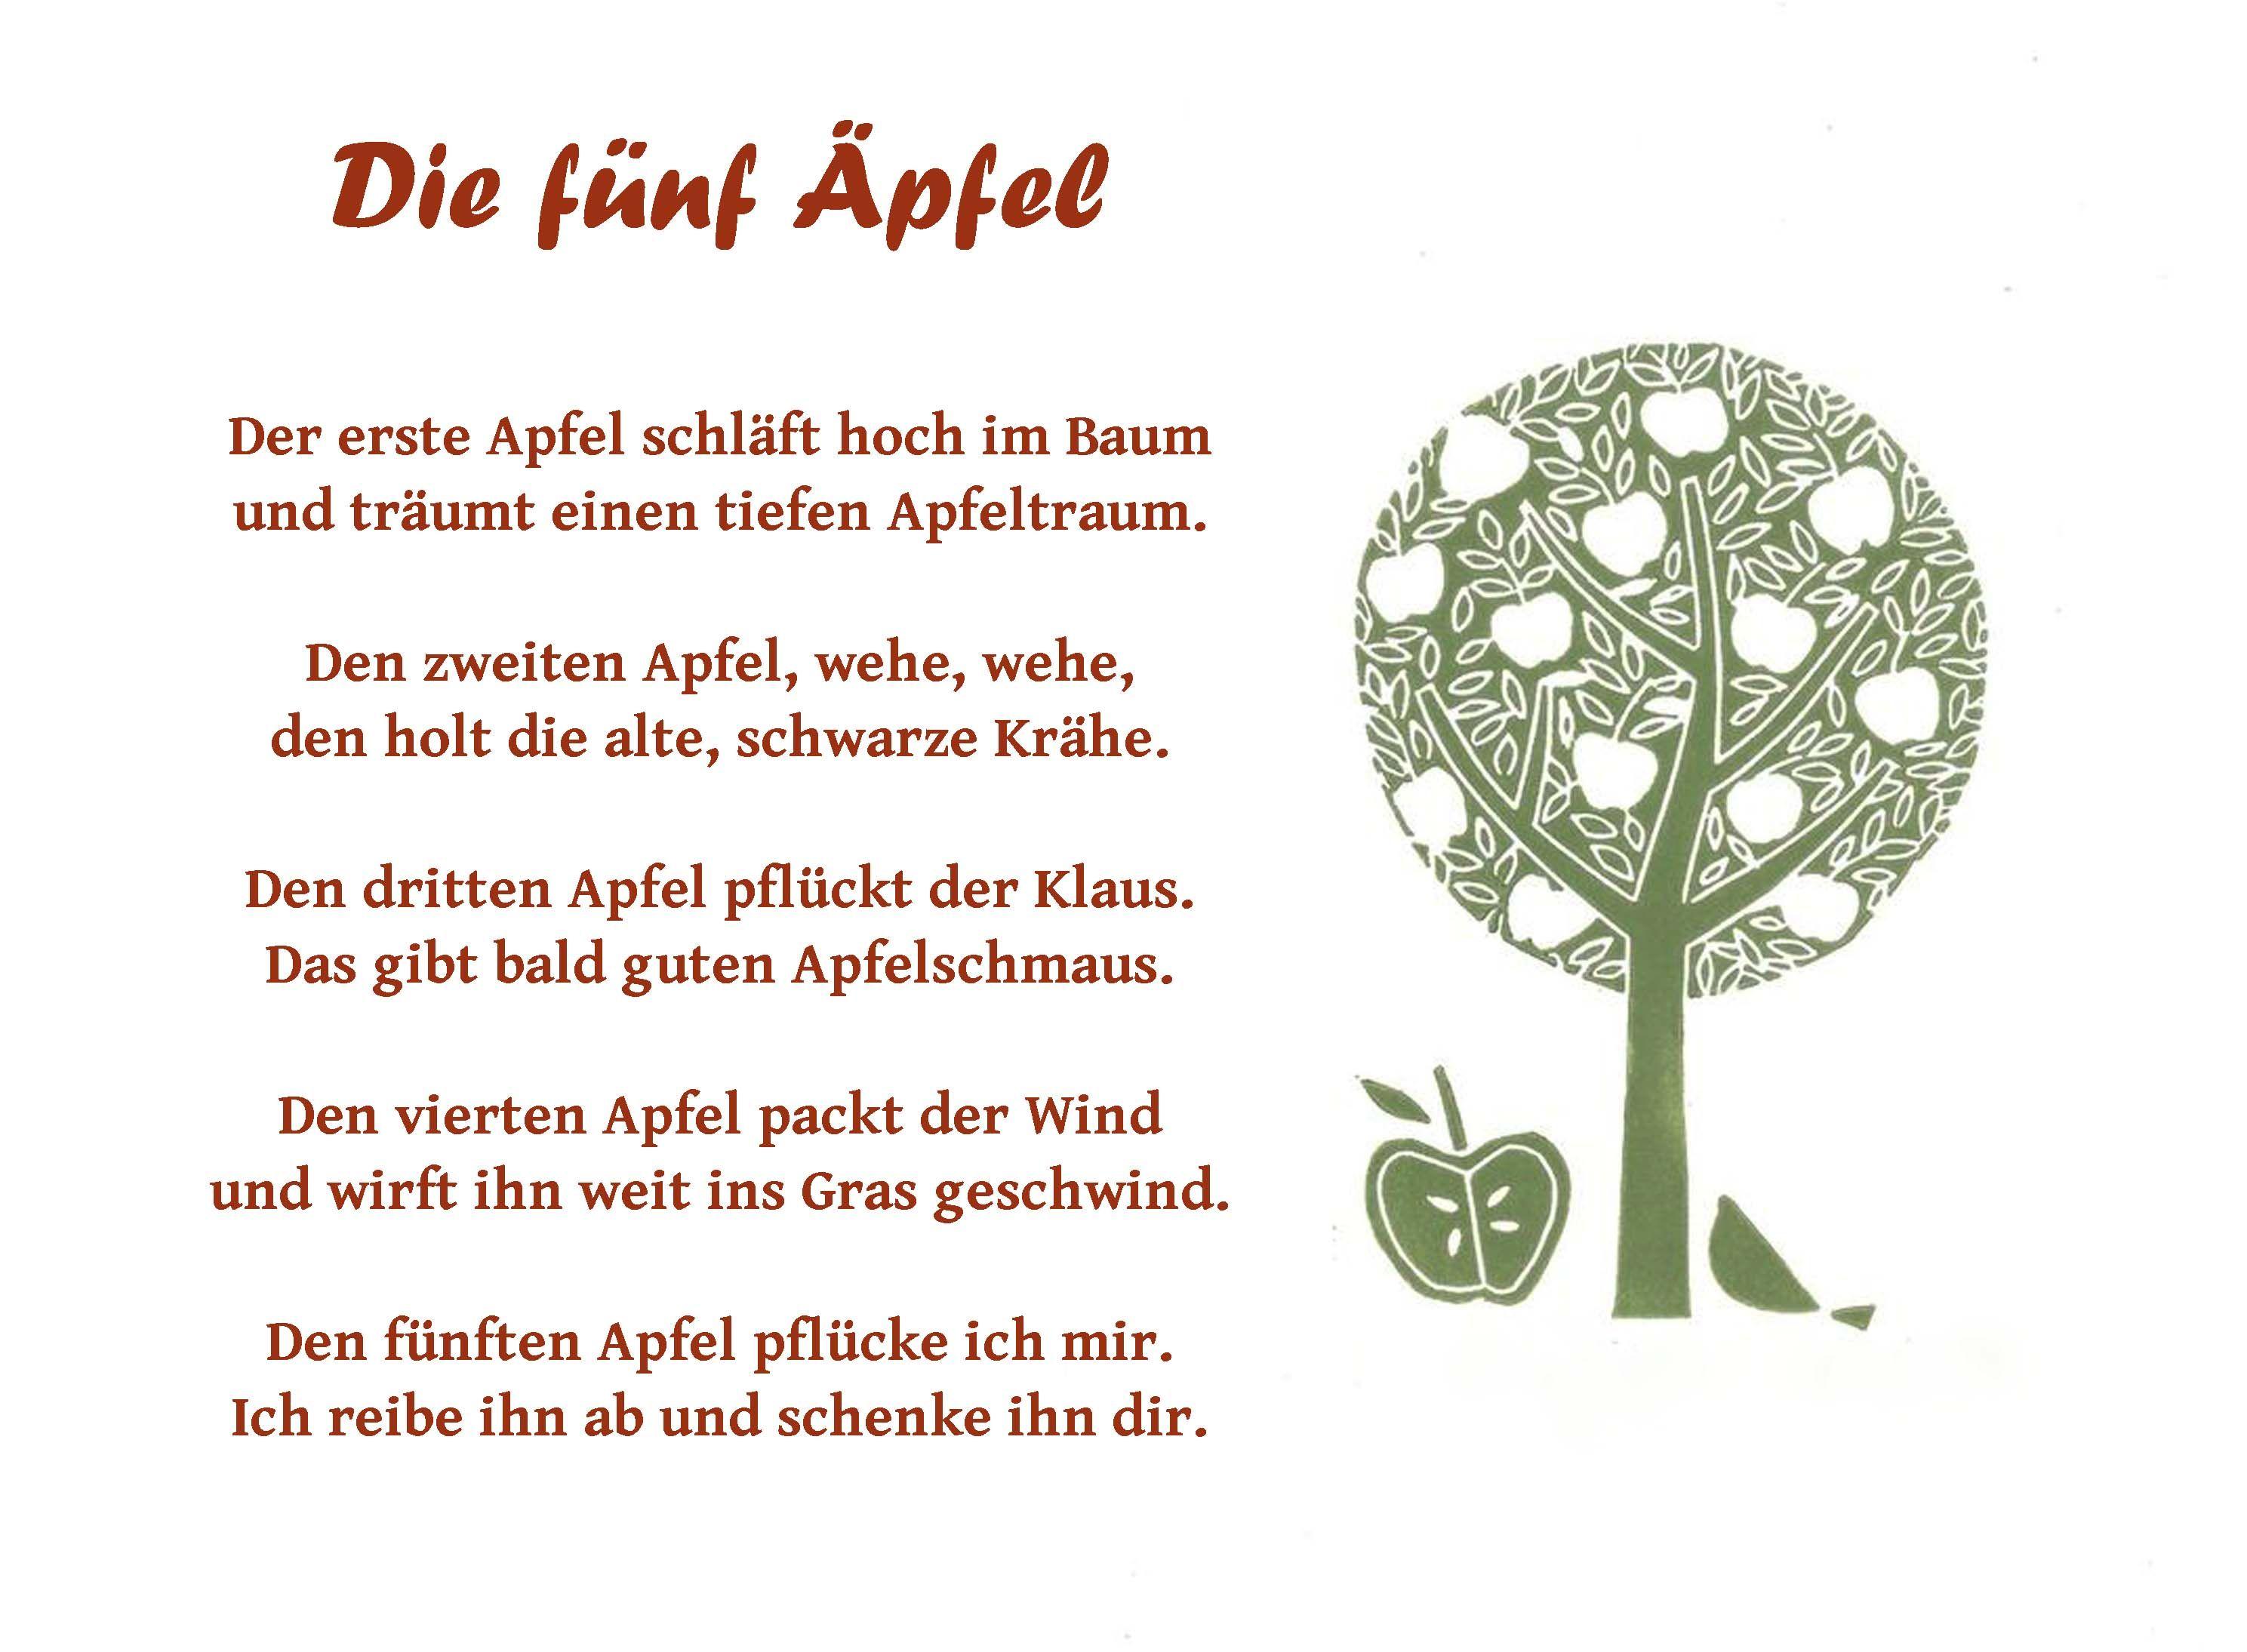 Die Fünf äpfel Apfel Thema Kinder Gedichte Und